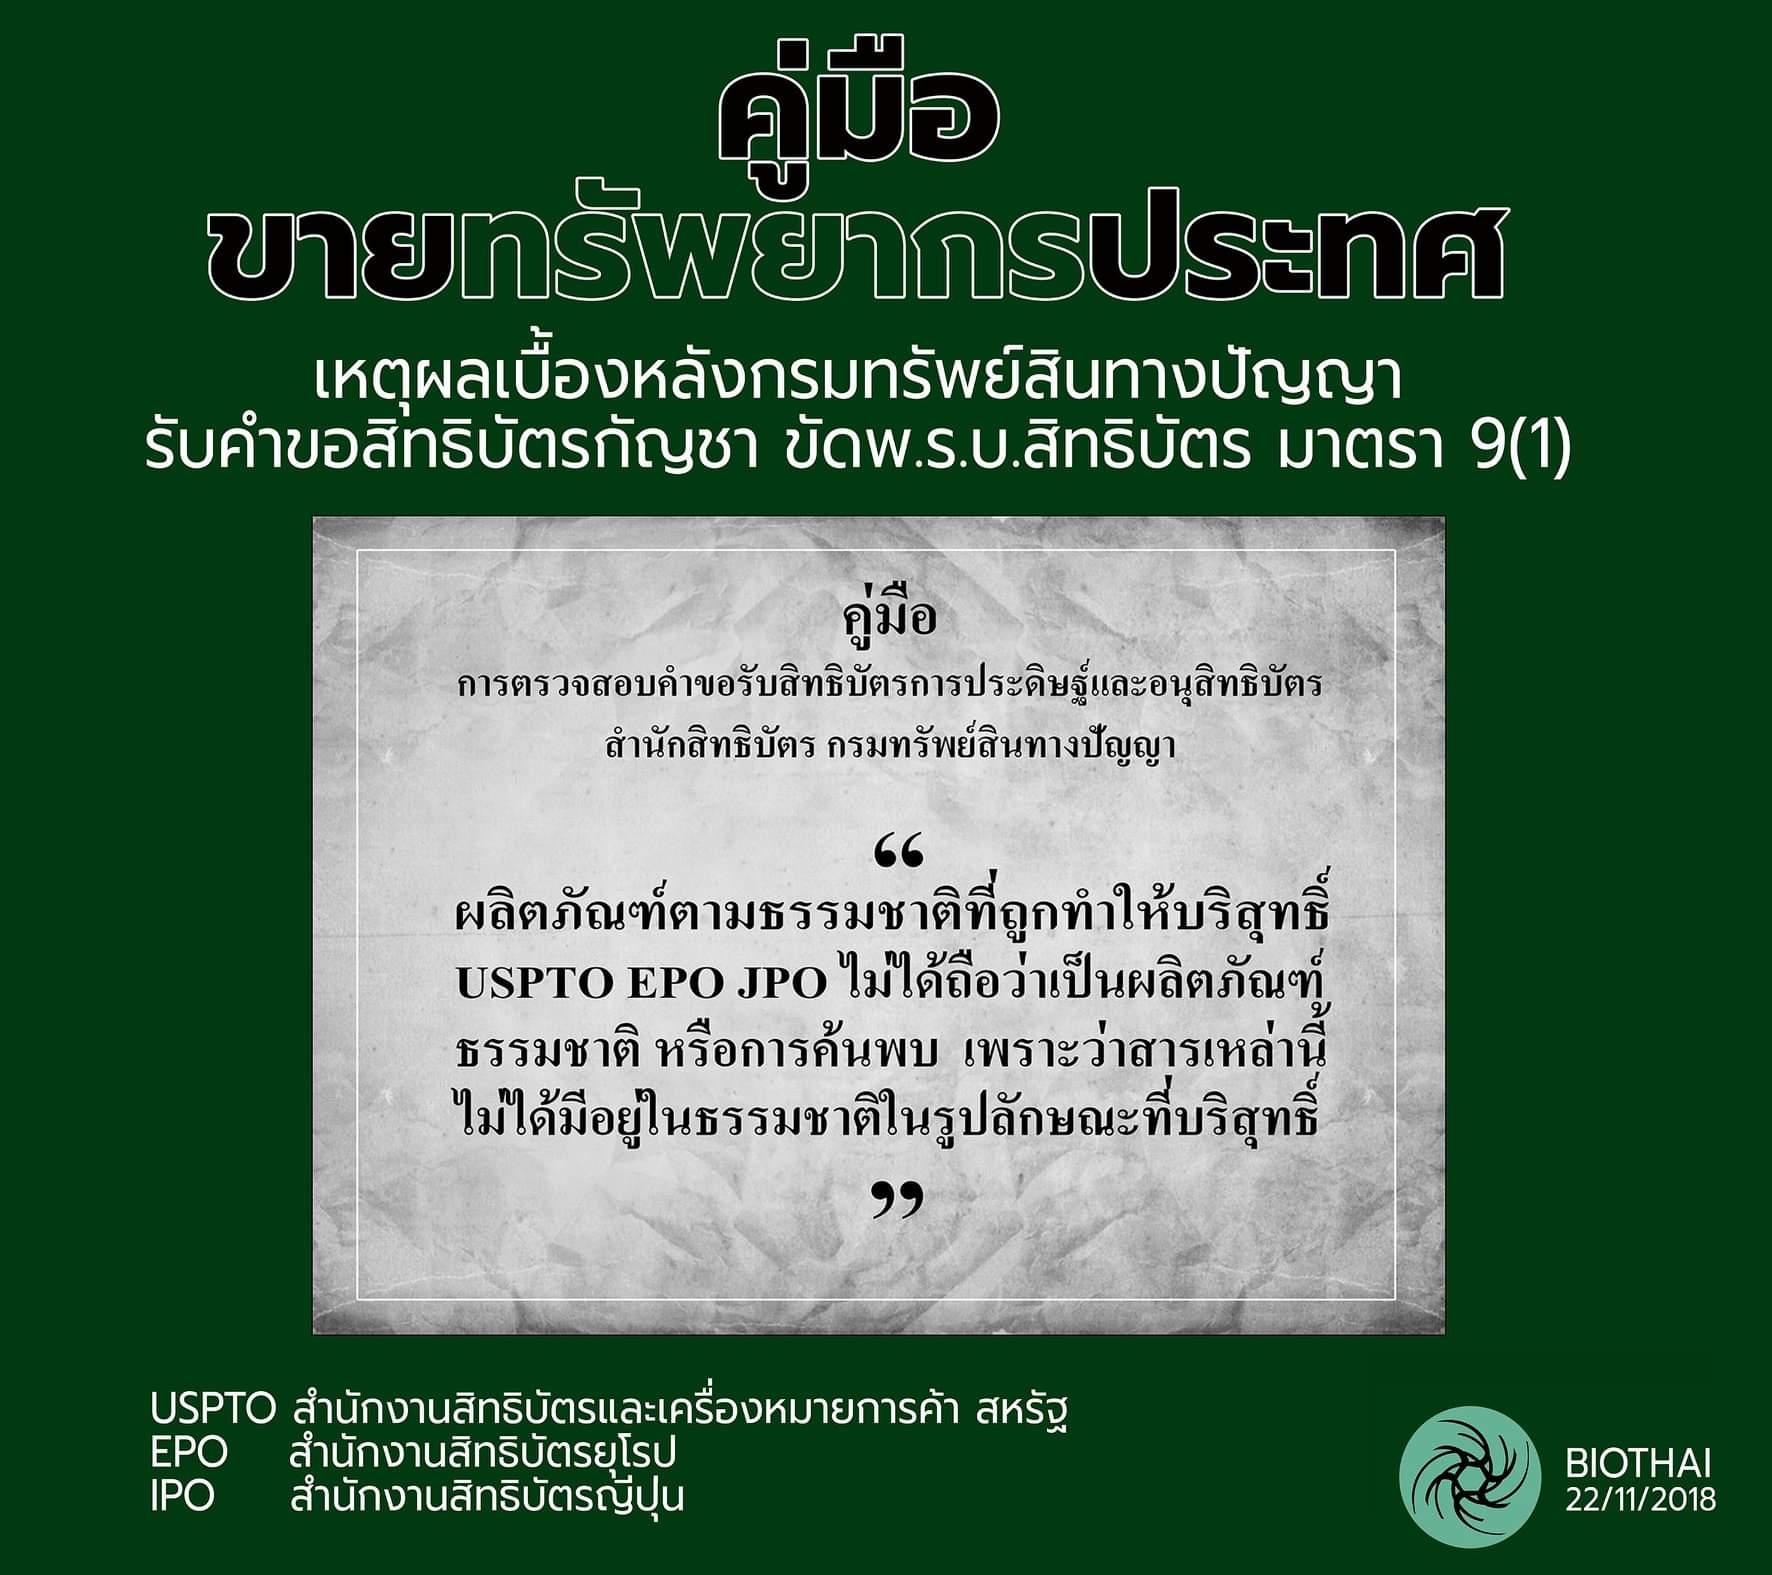 """ต้นตอรับคำขอ """"สิทธิบัตรกัญชา"""" แฉคู่มือเปิดช่องรับจดสารธรรมชาติบริสุทธิ์ จวกขัด กม. ขายทรัพยากรประเทศ"""